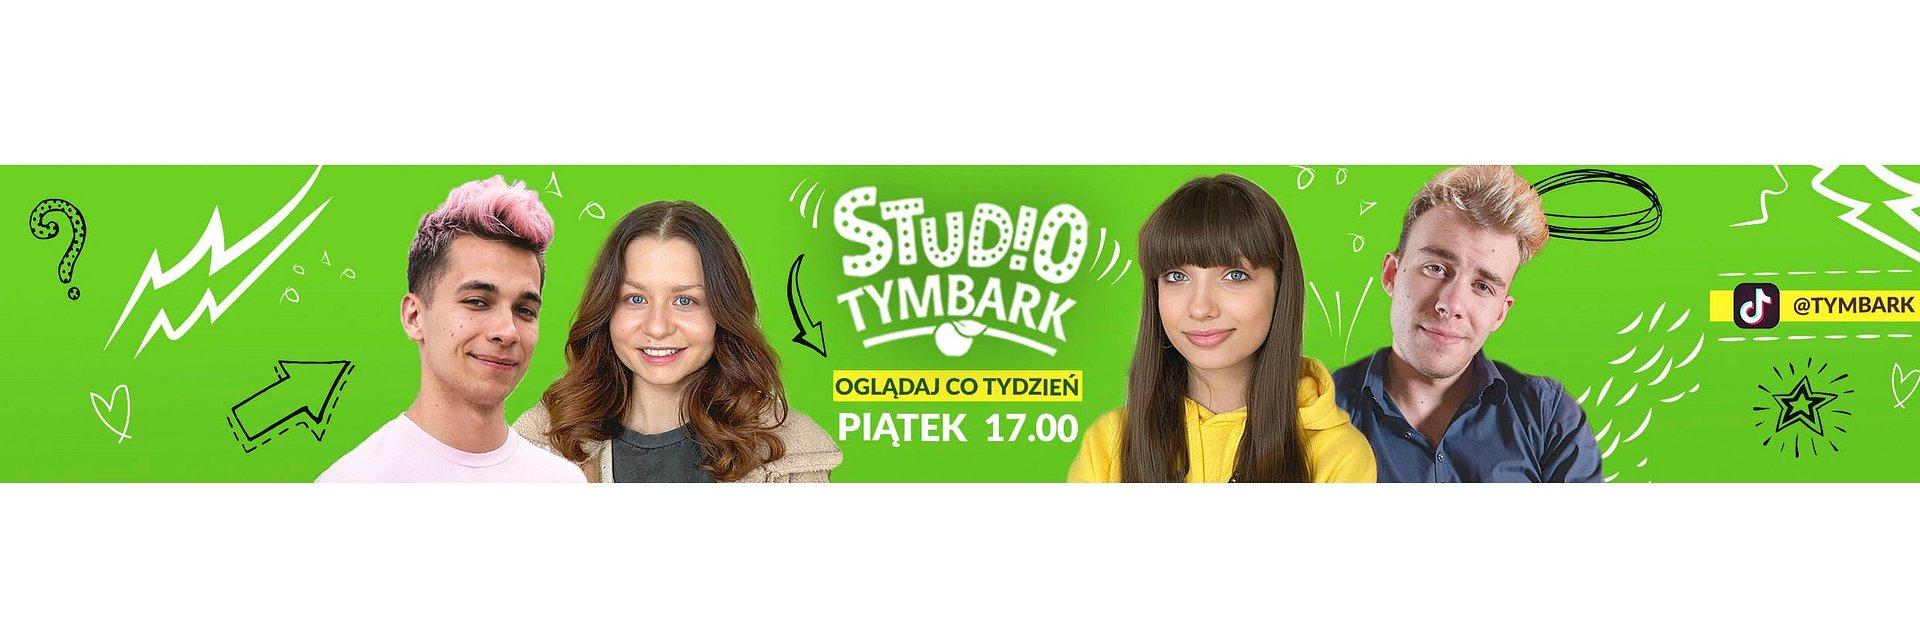 500 tysięcy widzów Studia Tymbark! Rekord wśród kanałów marek w Polsce